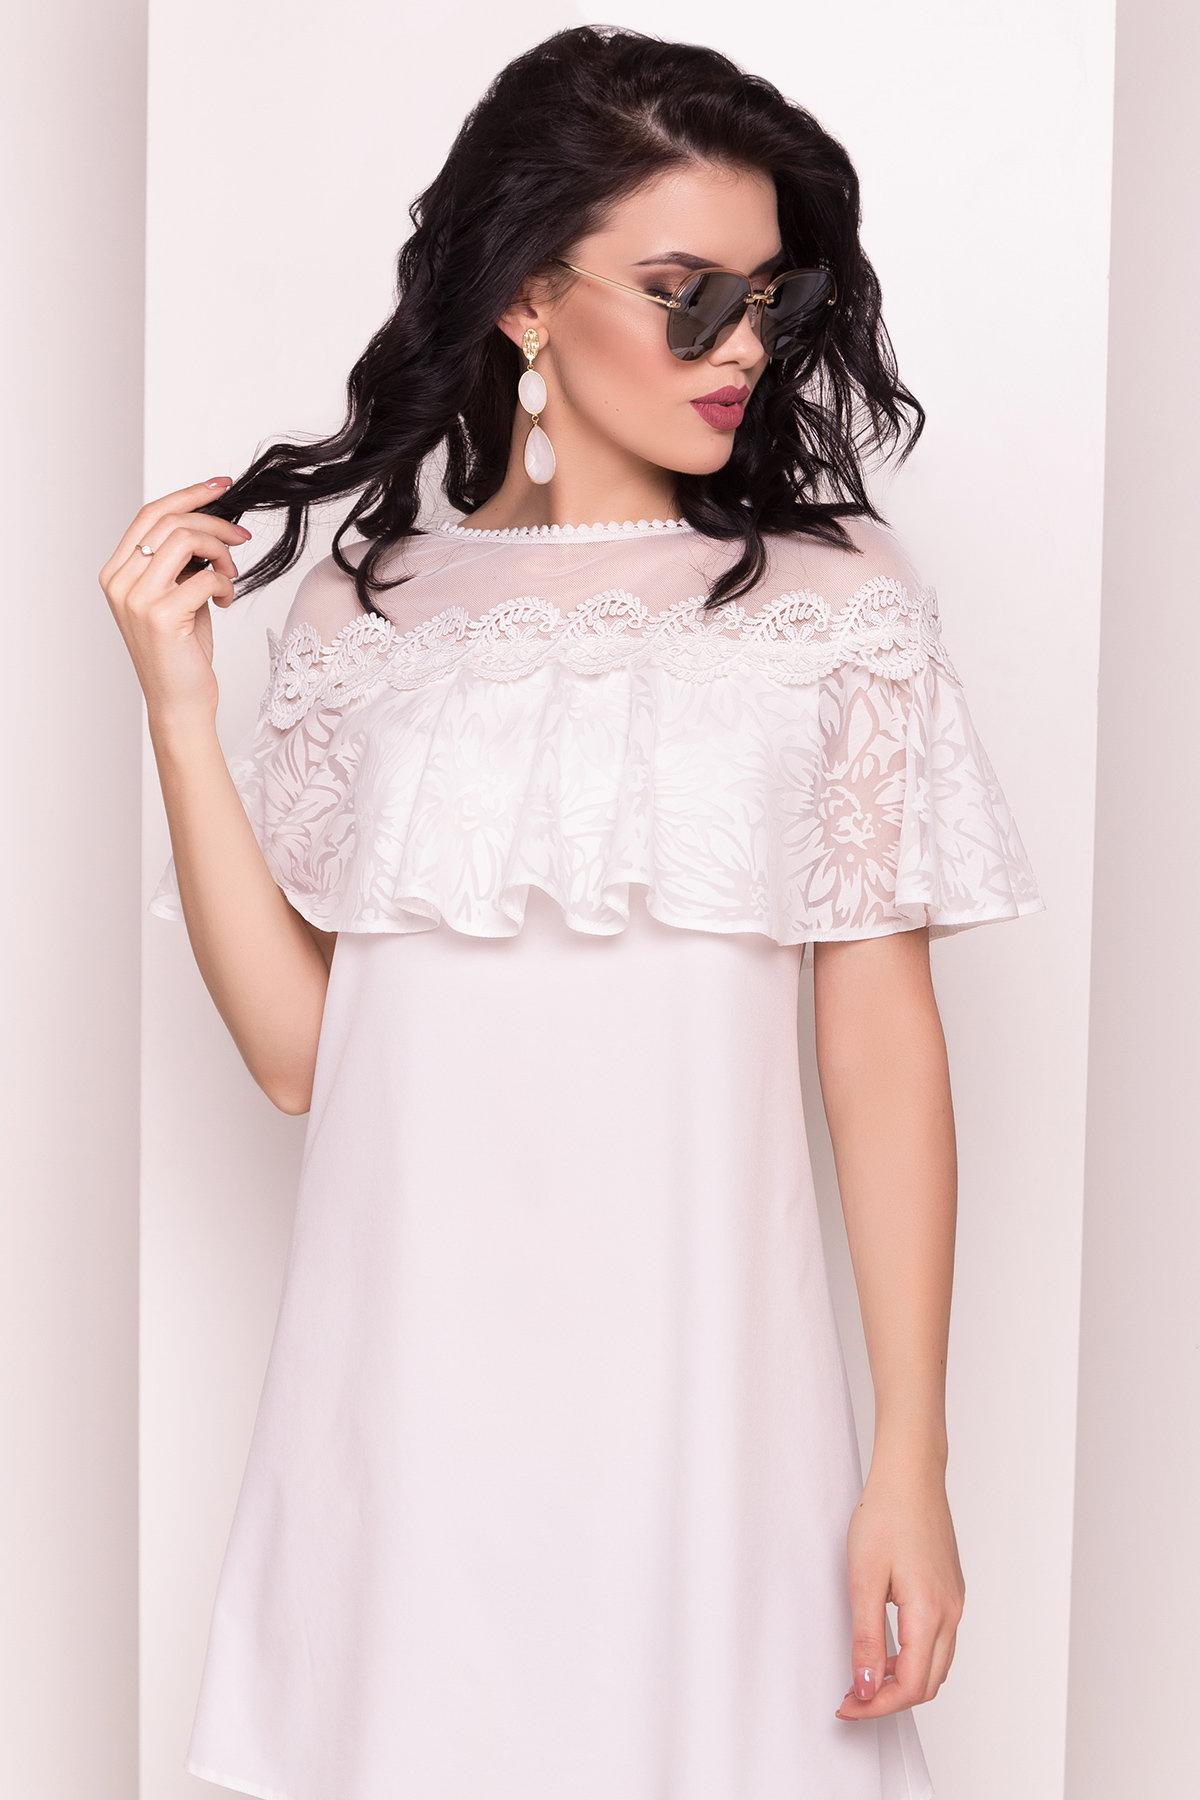 Платье Дени 4983 АРТ. 35386 Цвет: Молоко - фото 2, интернет магазин tm-modus.ru